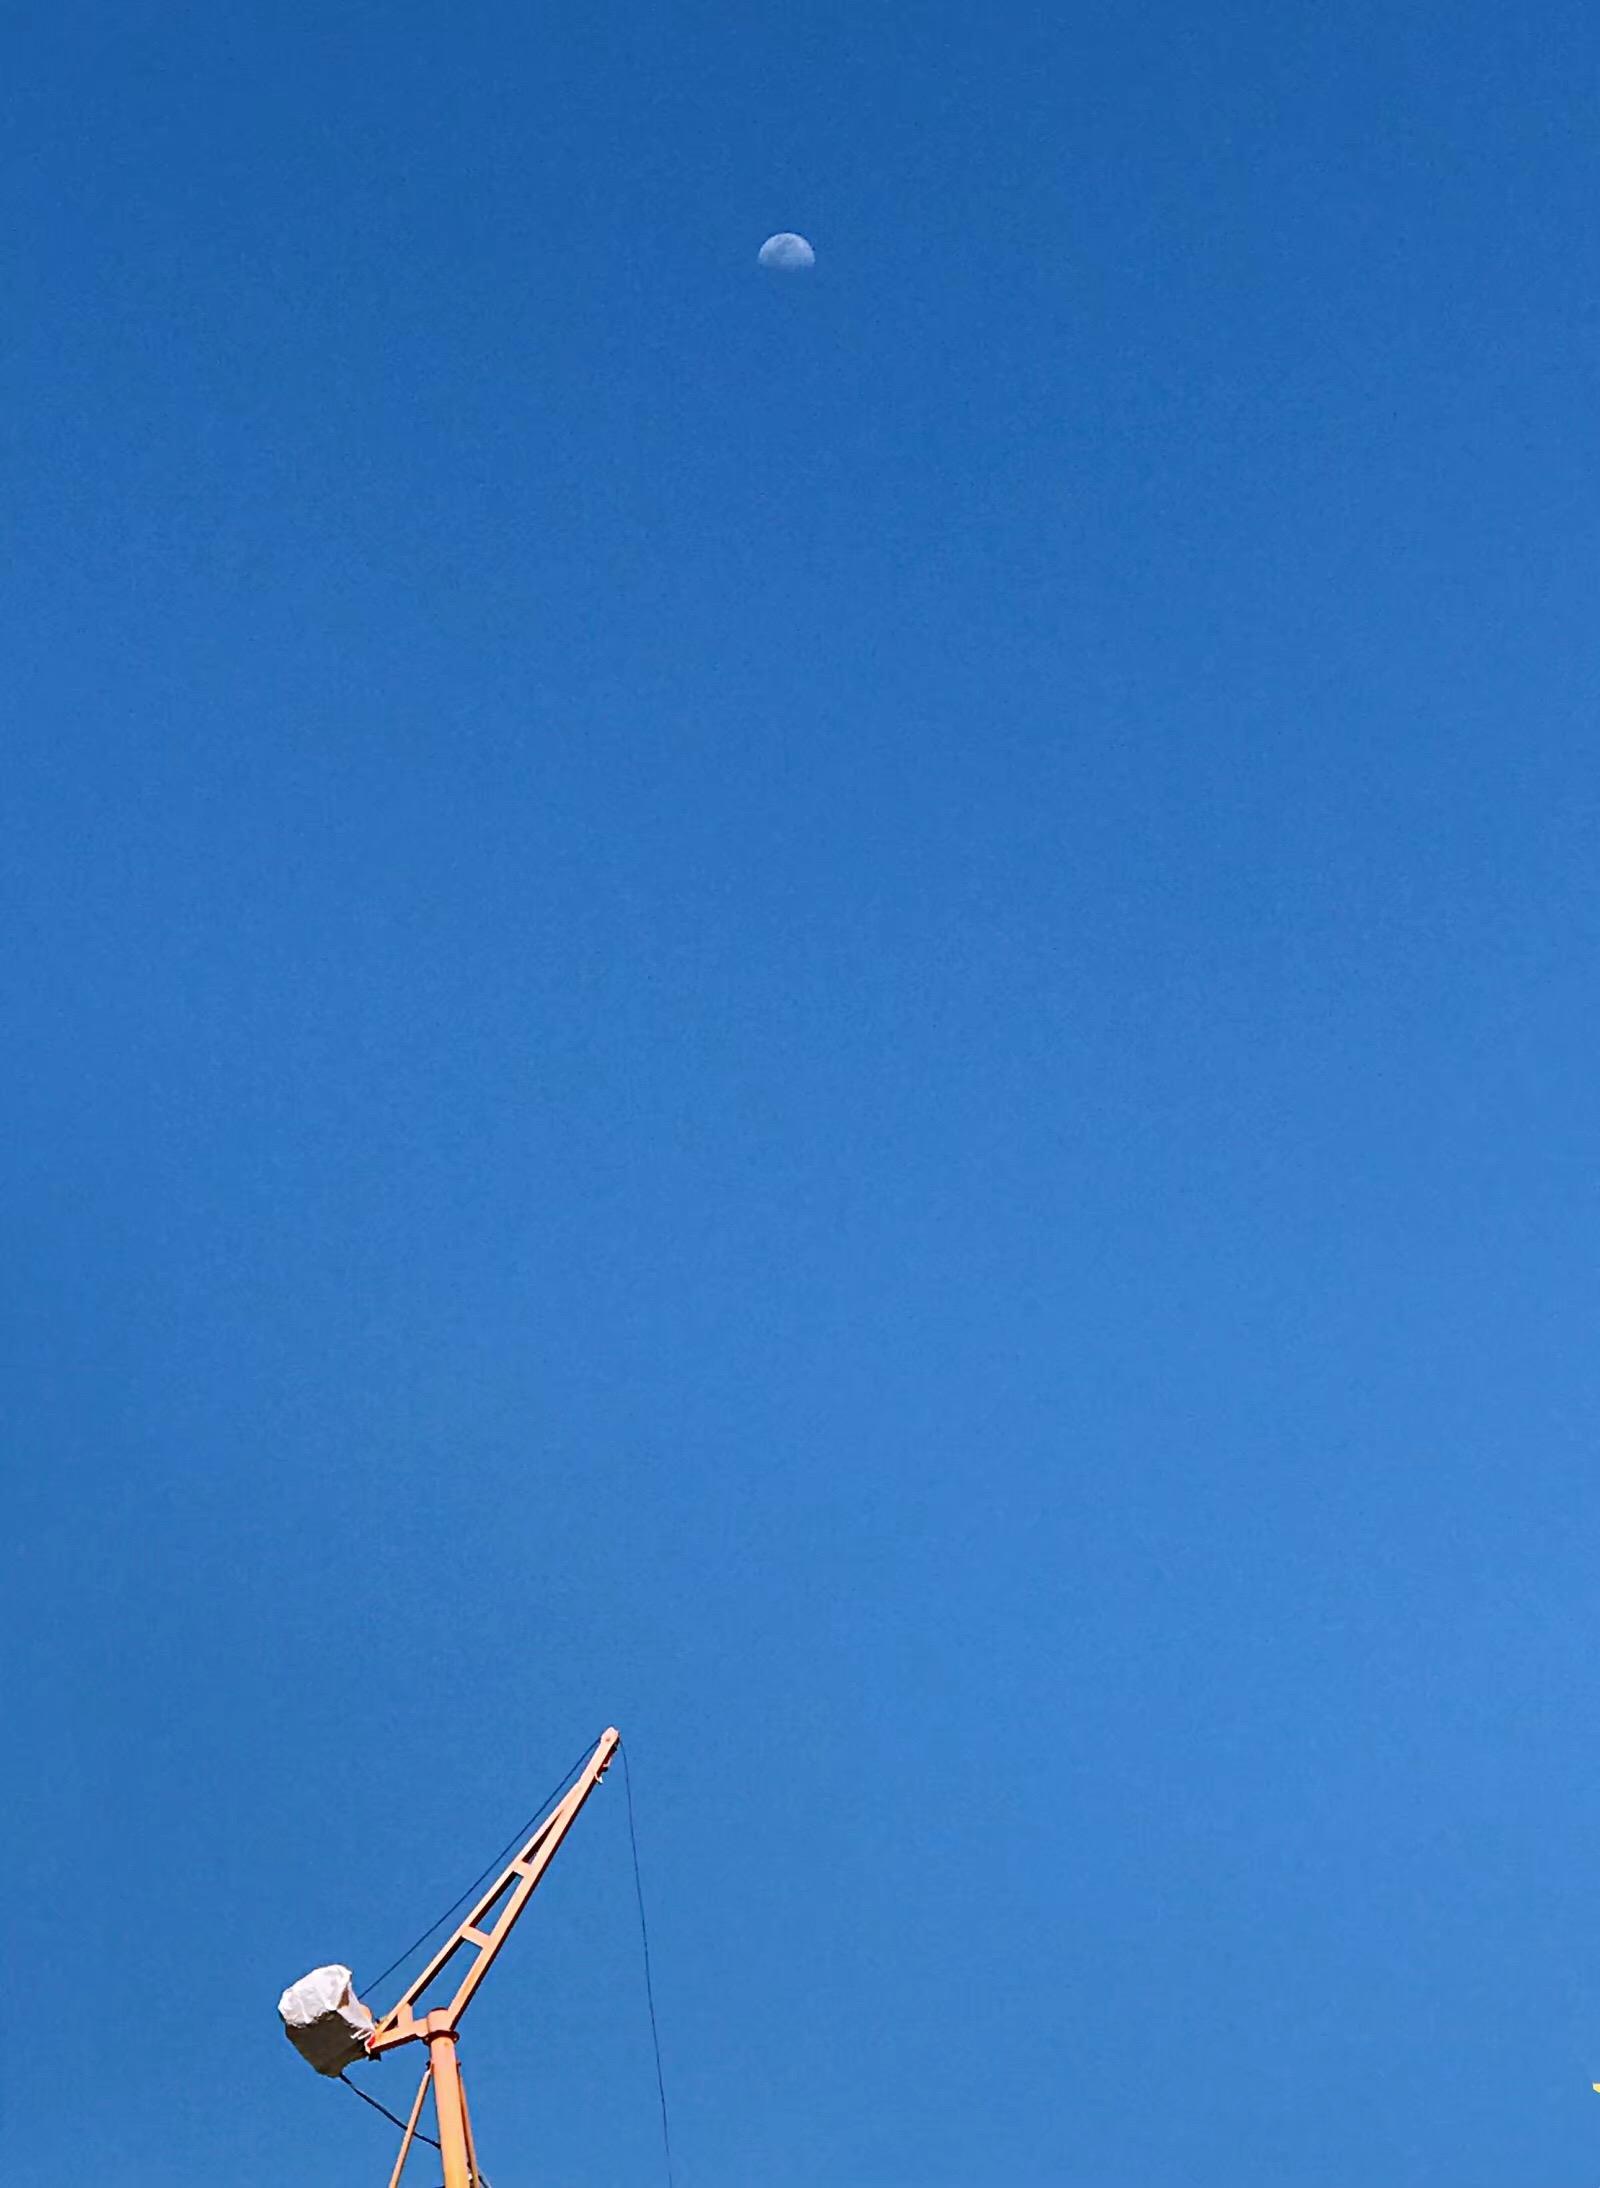 ·关于组建淮南图片网模特队的公告 2018-10-12 ·重要信息 2018-10-11 ·淮南市第三届文博会摄影作品展公告 2018-09-11 ·活动通知 2018-07-05 ·活动通知 2018-06-26 ·沉痛悼念捕影(张勋烈)老师 2018-05-25